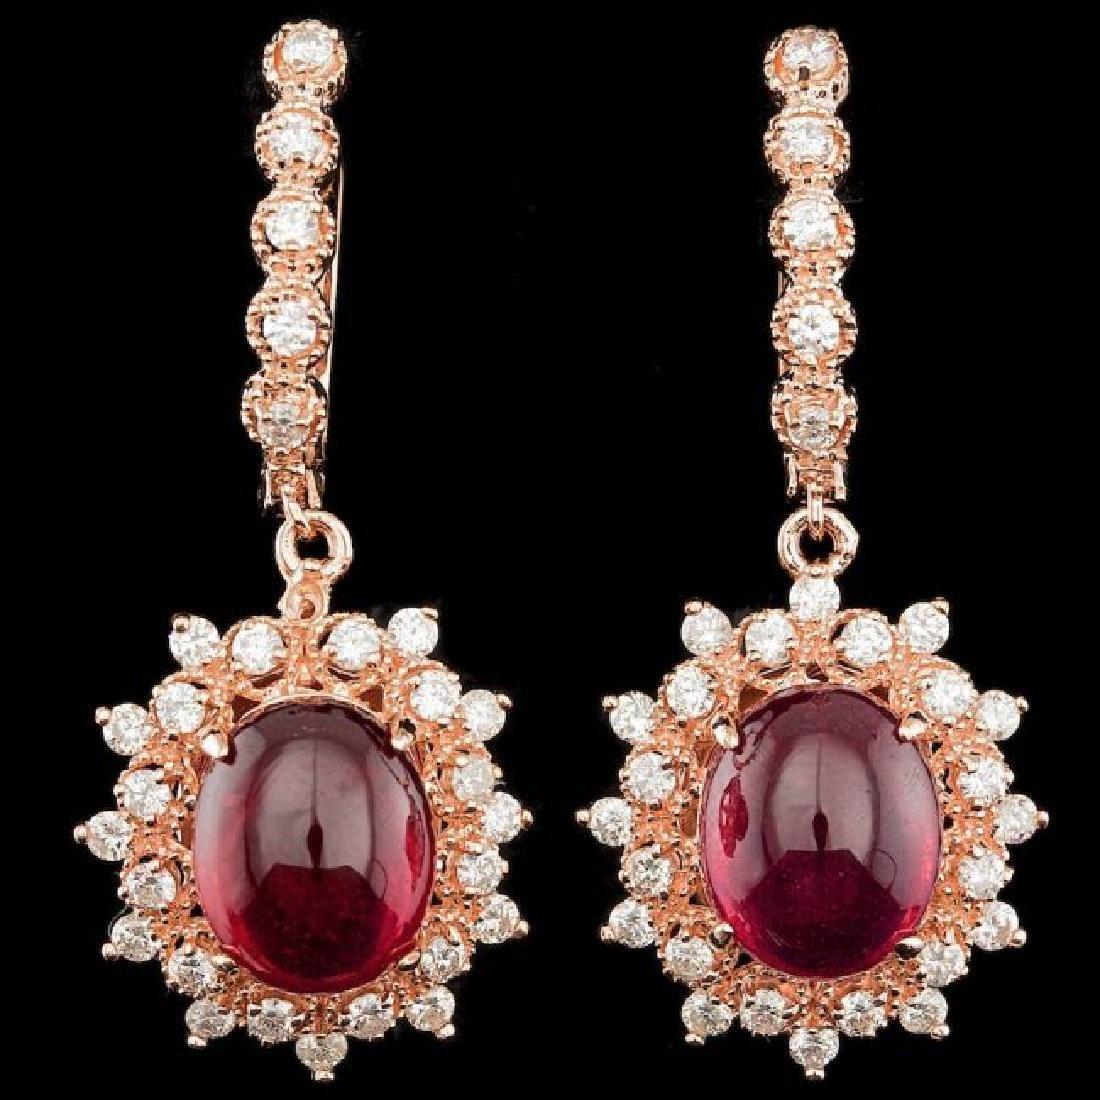 14k Rose 14.00ct Ruby 1.65ct Diamond Earrings